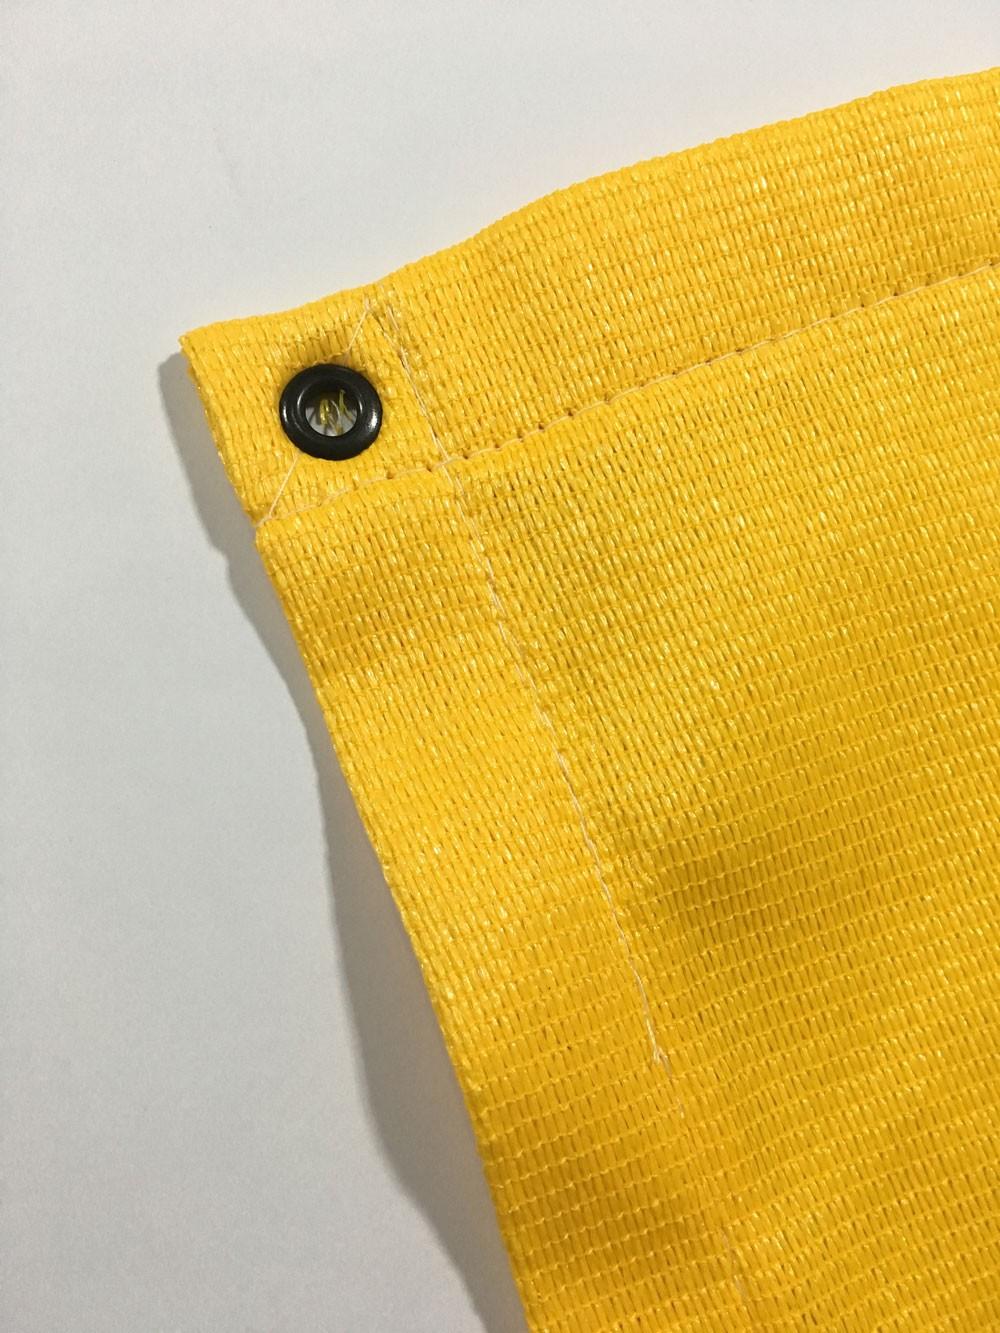 Tela Toldo de Sombreamento Shade Decorativa Amarelo